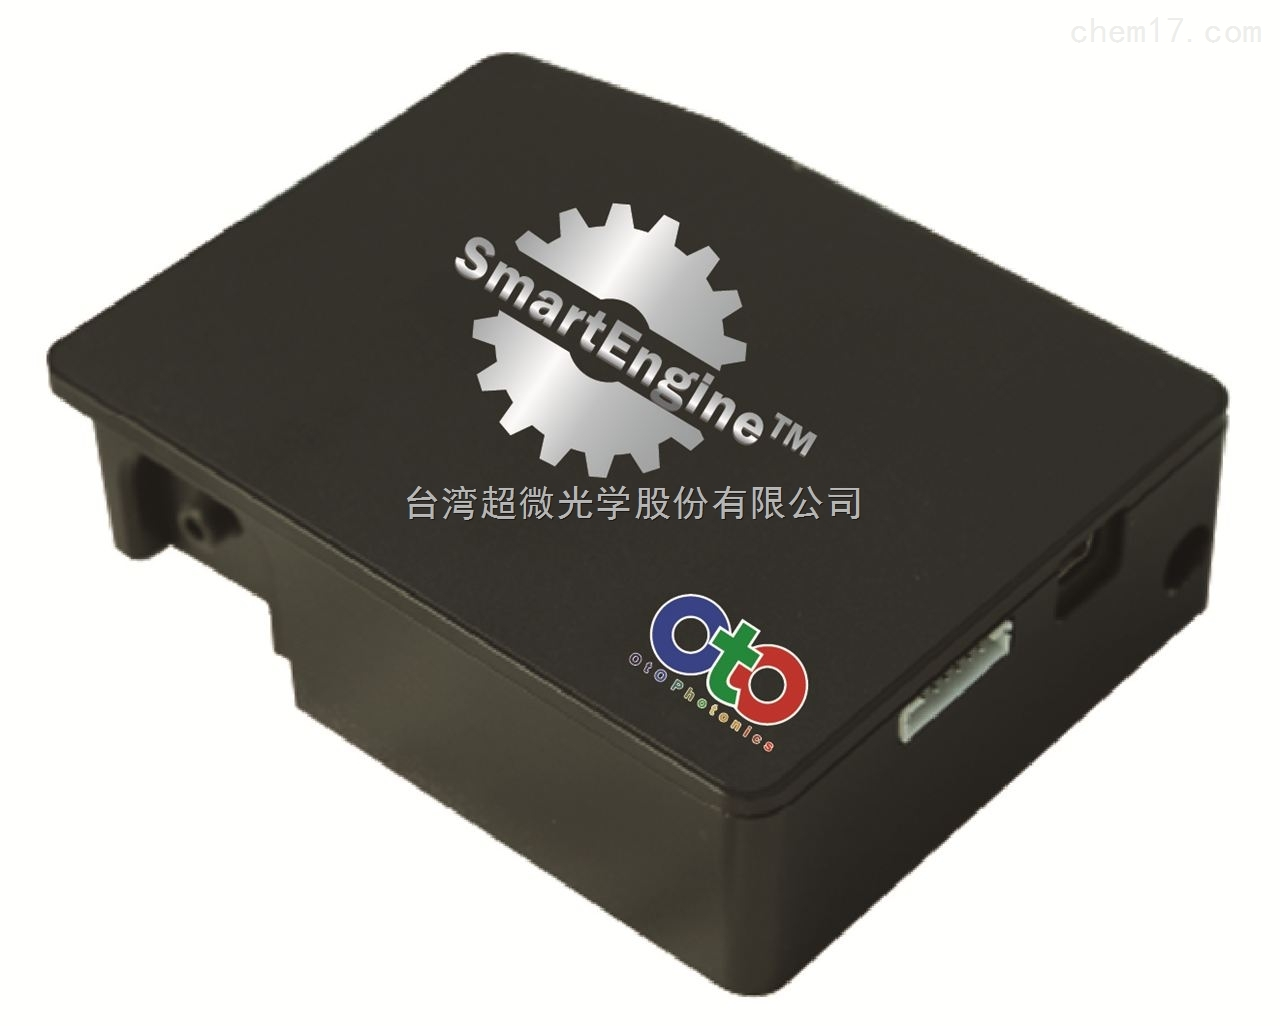 台湾超微光学股份有限公司